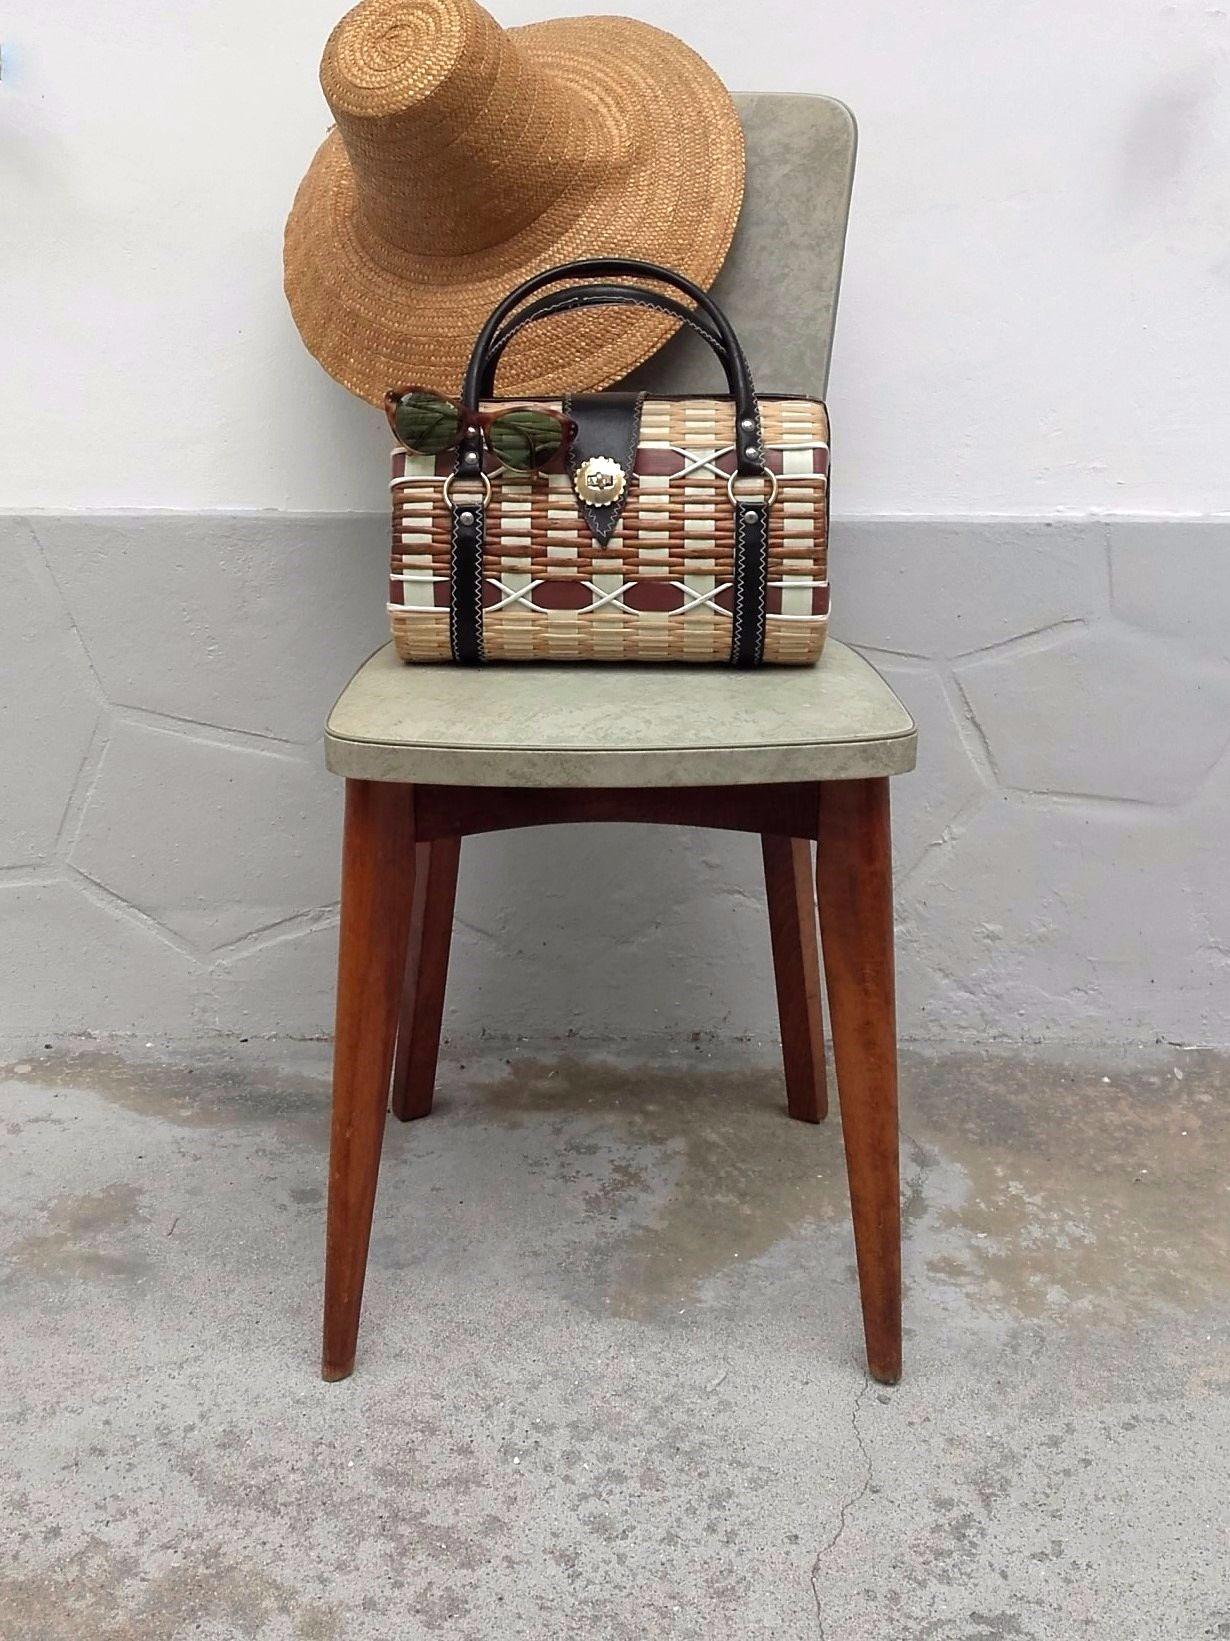 chaises ann es 50 quiche lorraine vintage. Black Bedroom Furniture Sets. Home Design Ideas